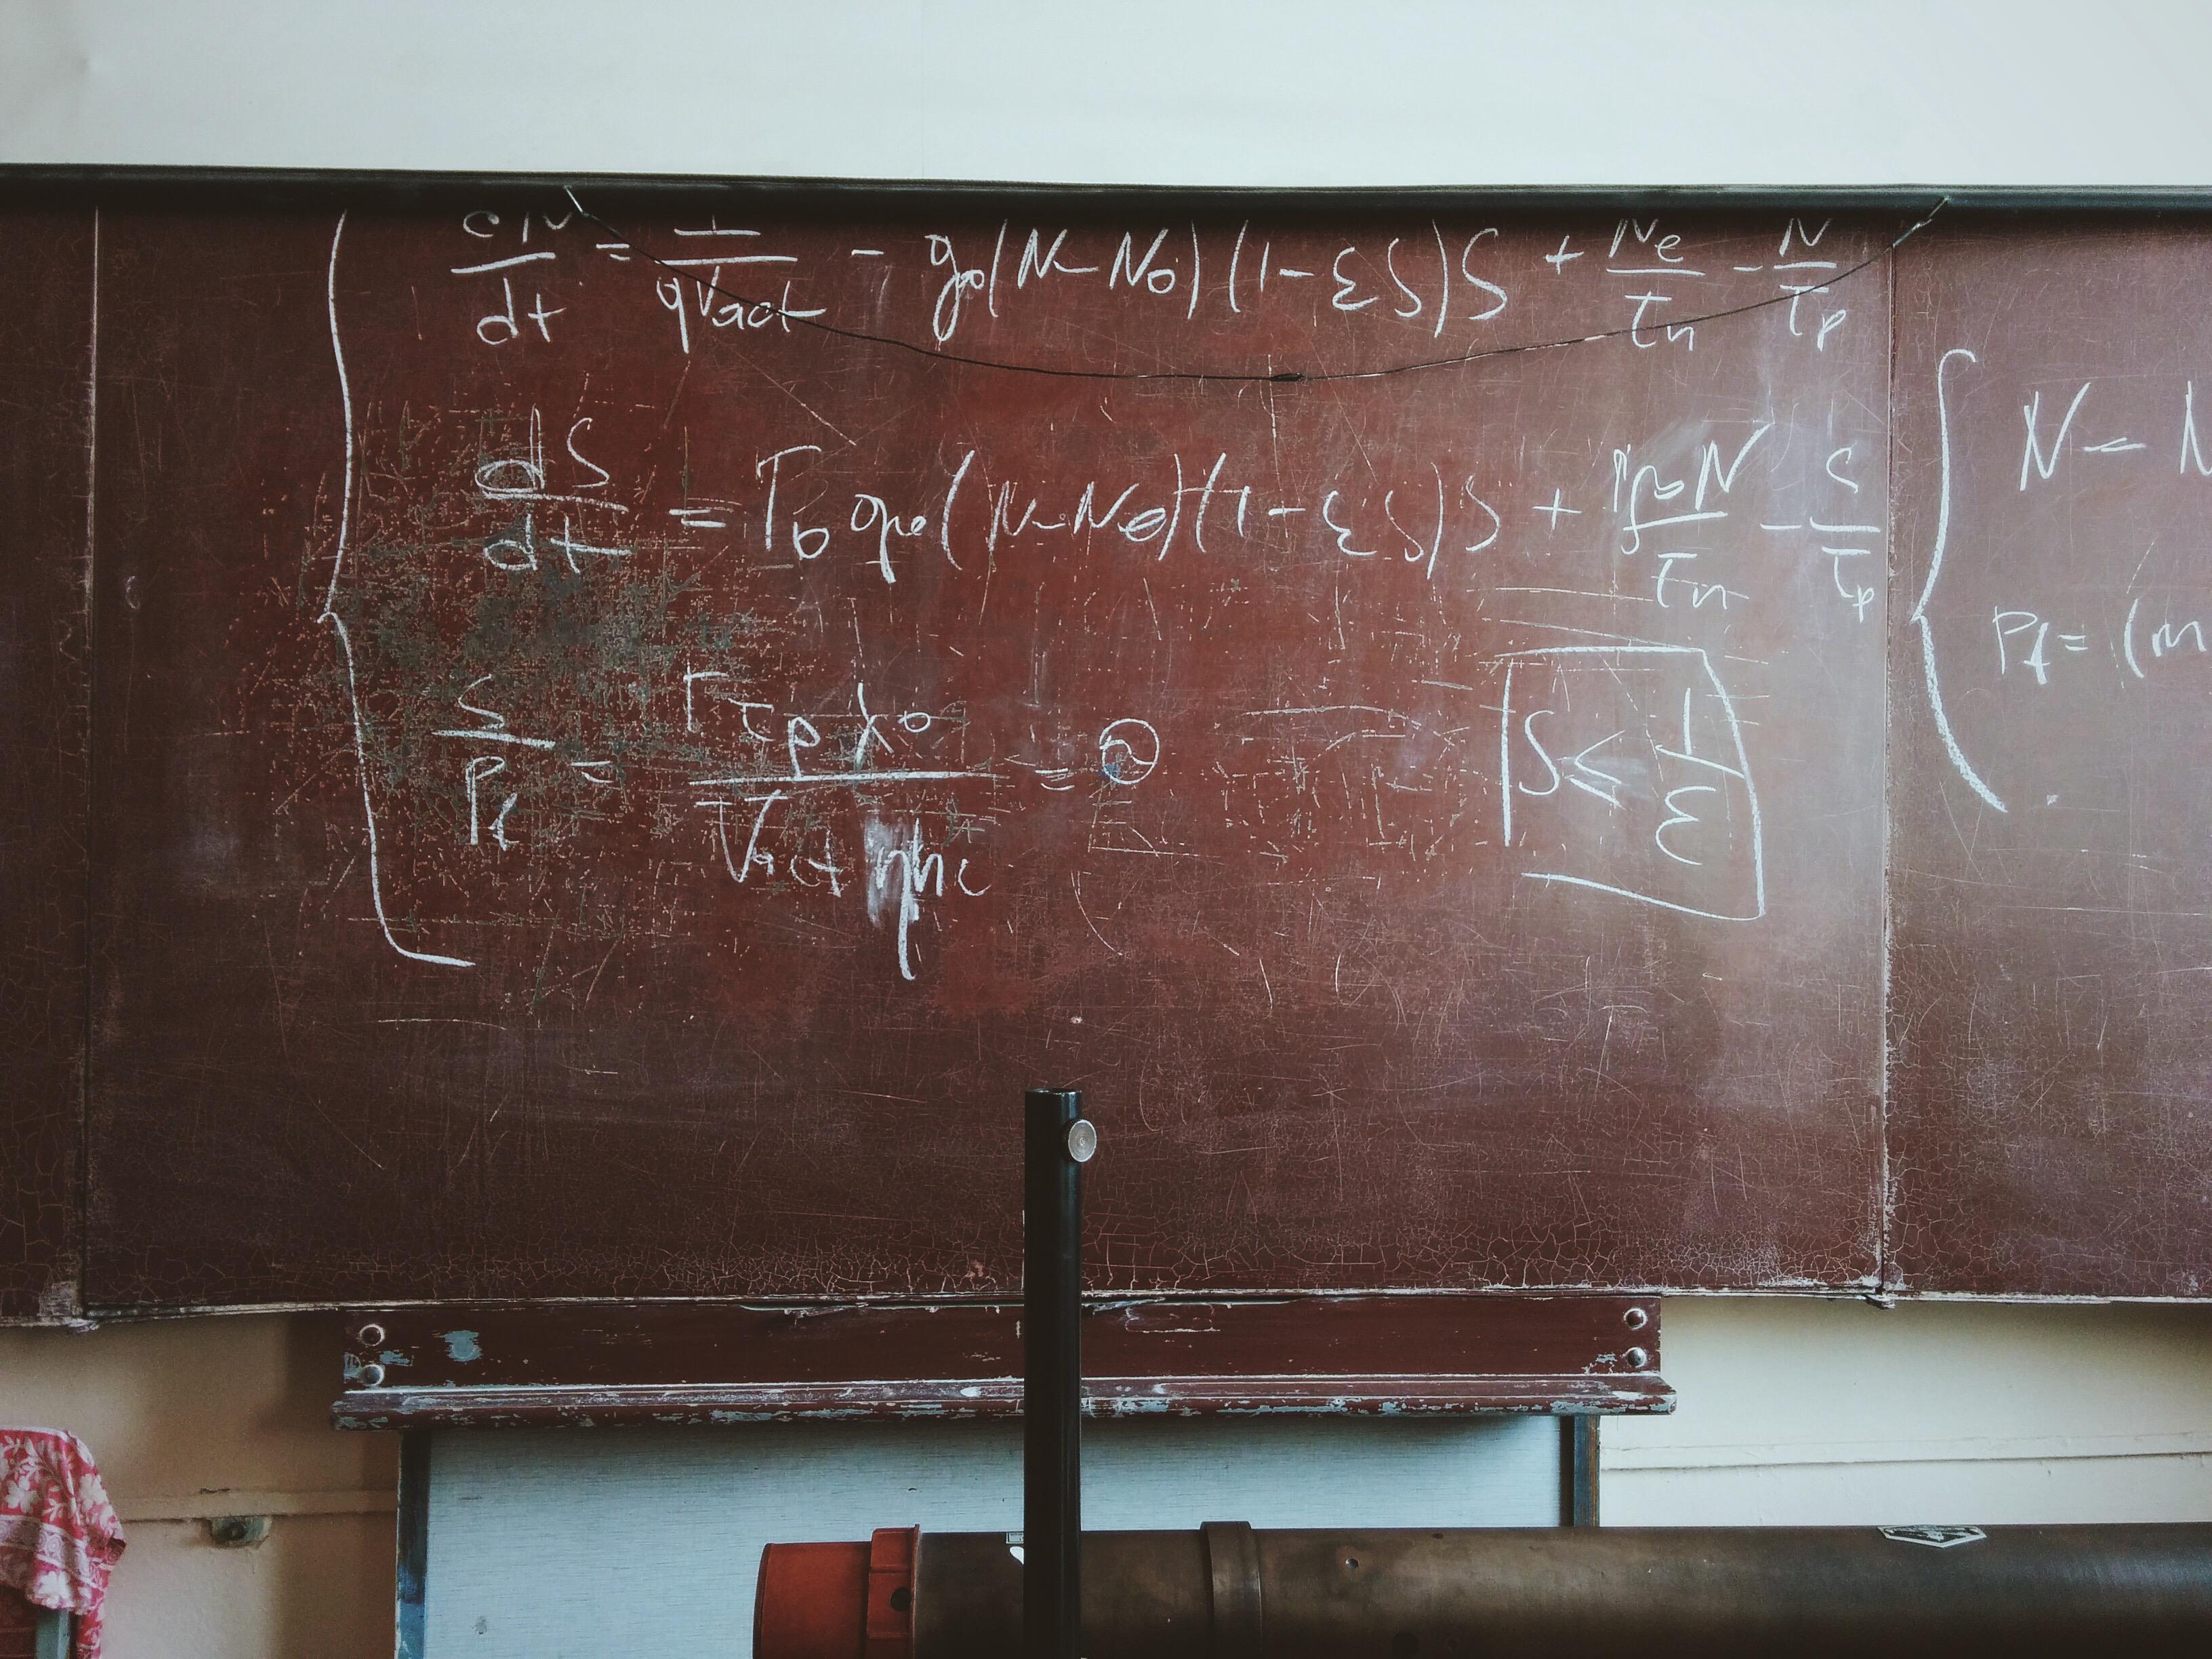 お客さんの数を決める公式と絶対に間違えてはいけない対策の順序